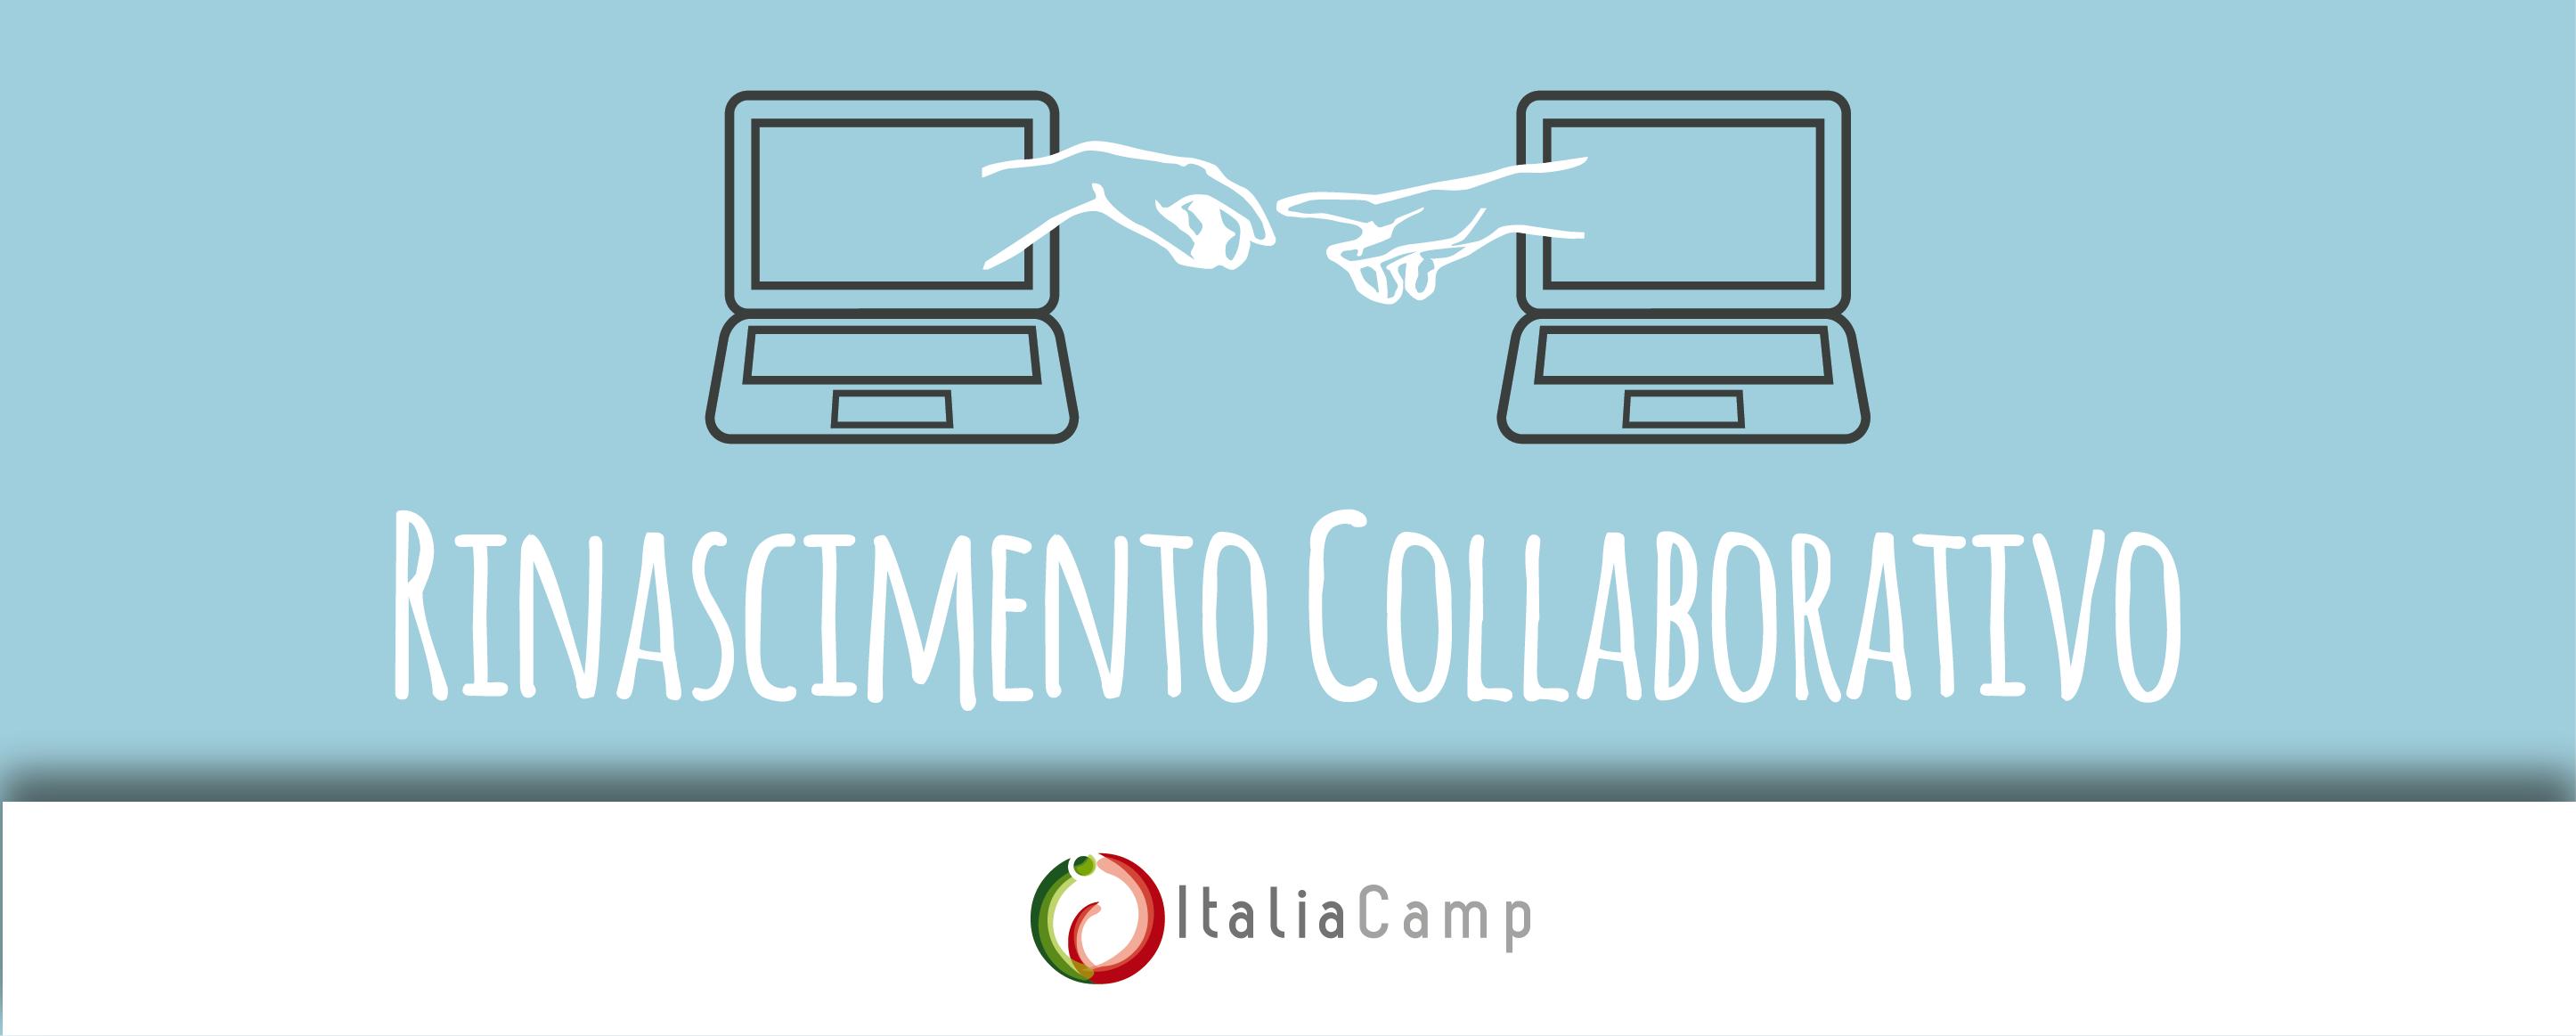 Rinascimento Collaborativo